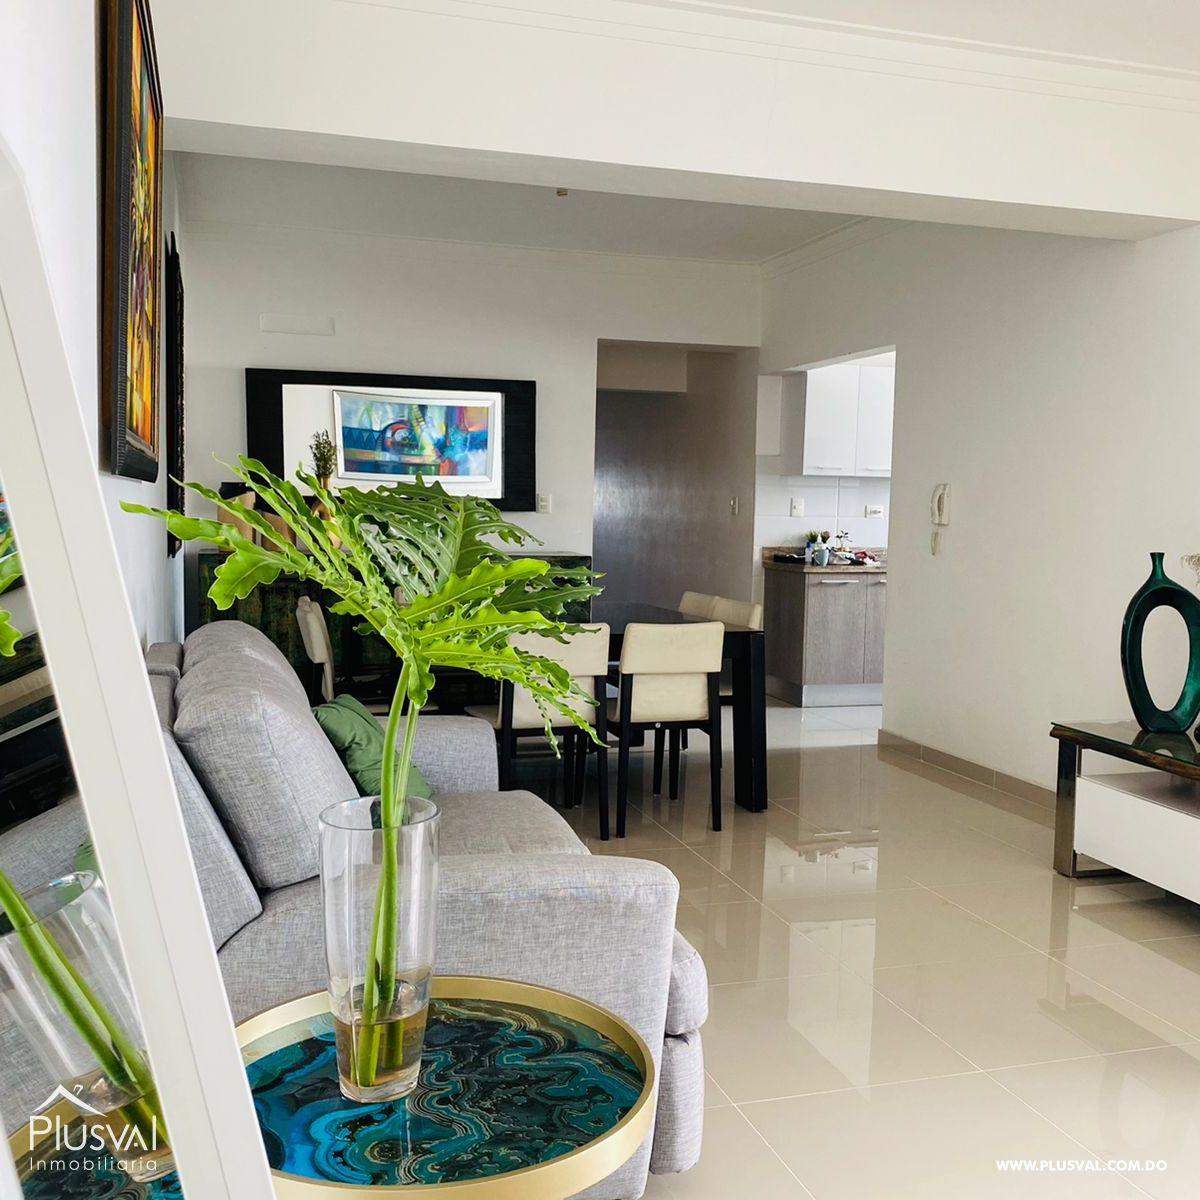 Apartamento en alquiler amueblado full en Gazcue .